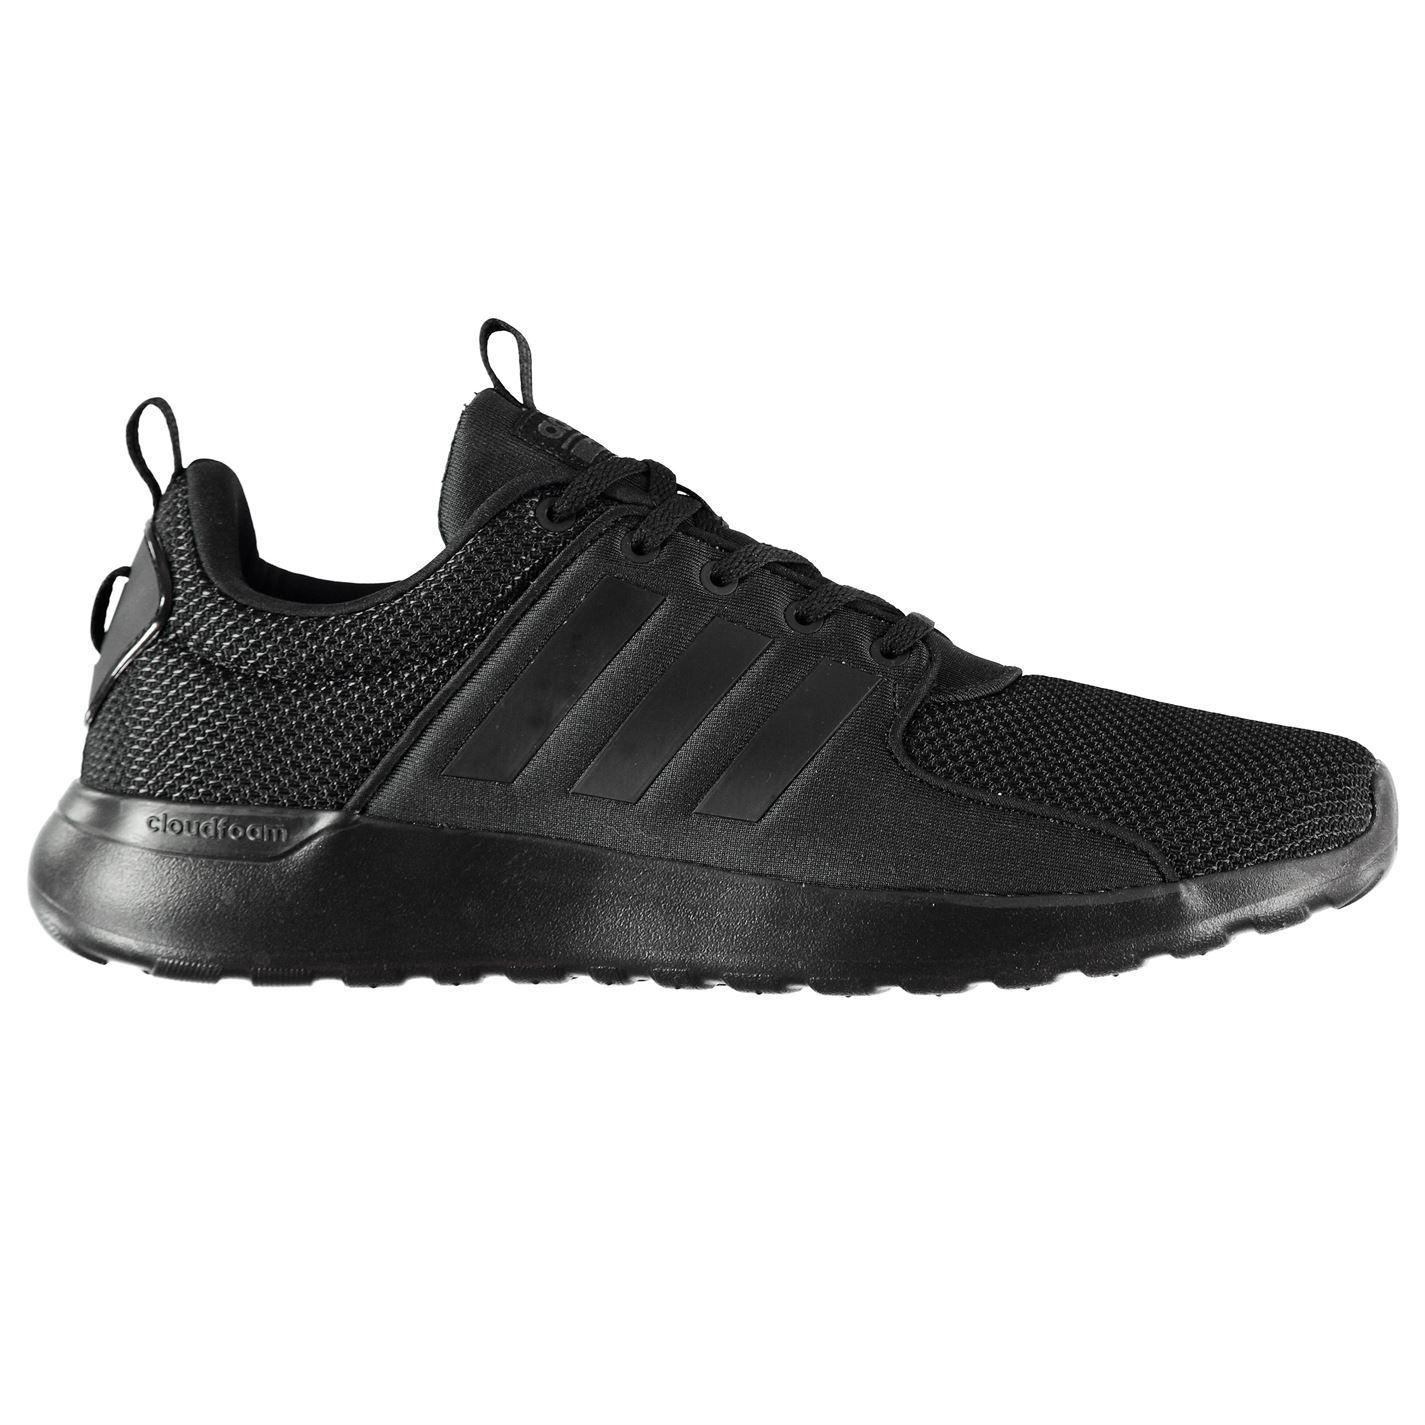 7d8ec8e0fc491b ... adidas Cloudfoam Lite Racer Trainers Mens Black Sports Shoes Sneakers  ...